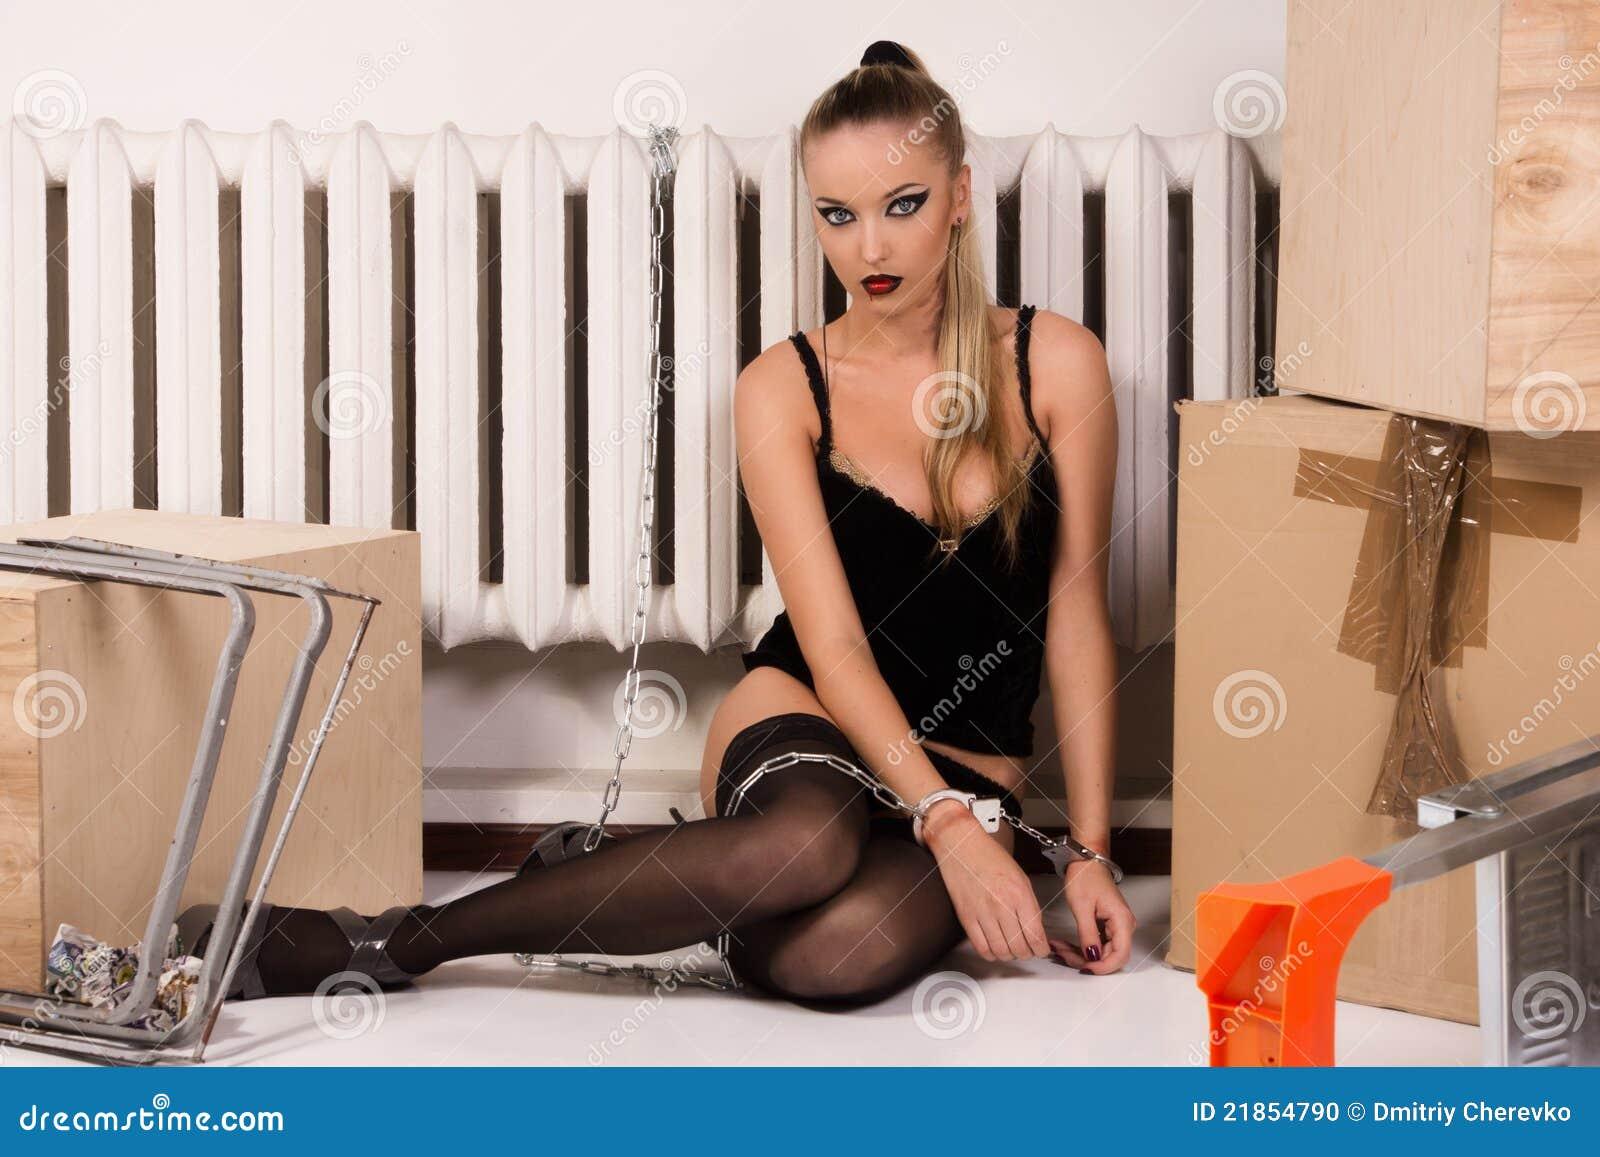 Фото в рабстве у девушки 28 фотография